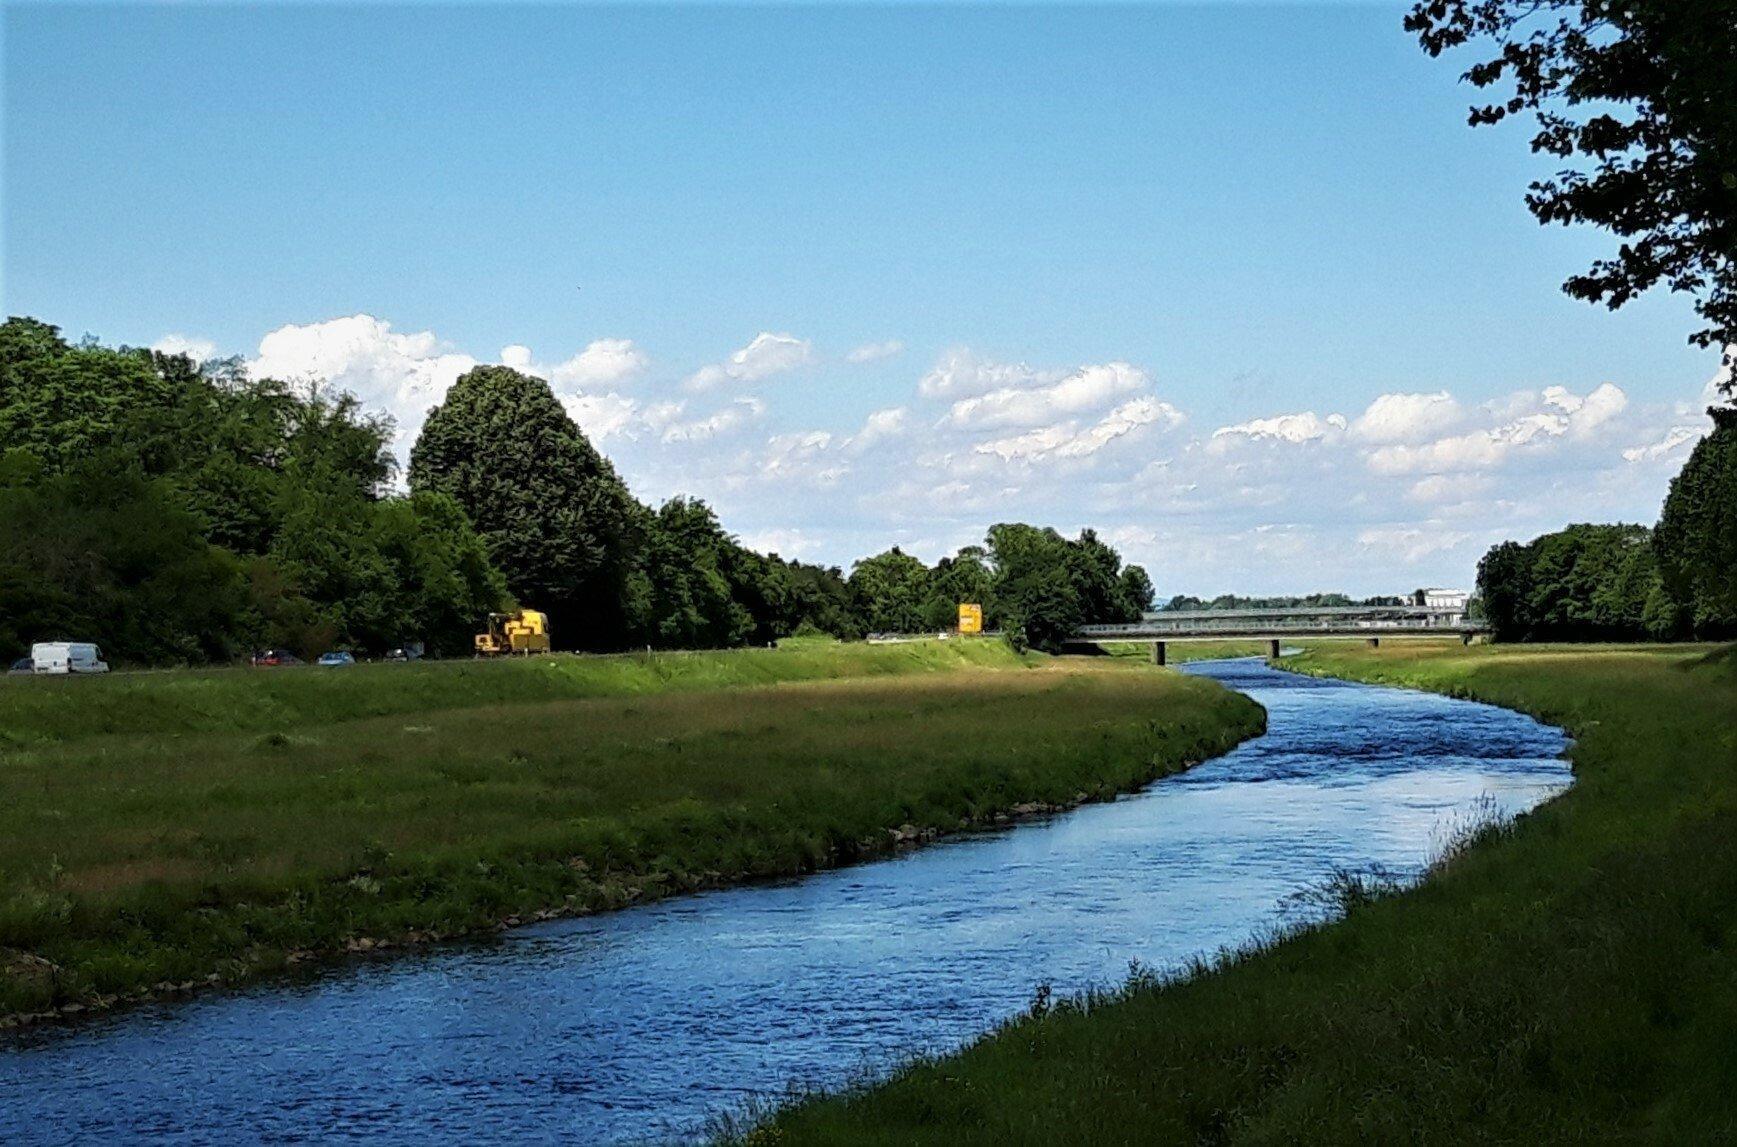 In fast giftig wirkendem Blau strahlt das Wasser der Murg normbreit zwischen den grünen Matten des zur Hochwasser-Bannung überbreiten, geradlinigen Flussbetts.